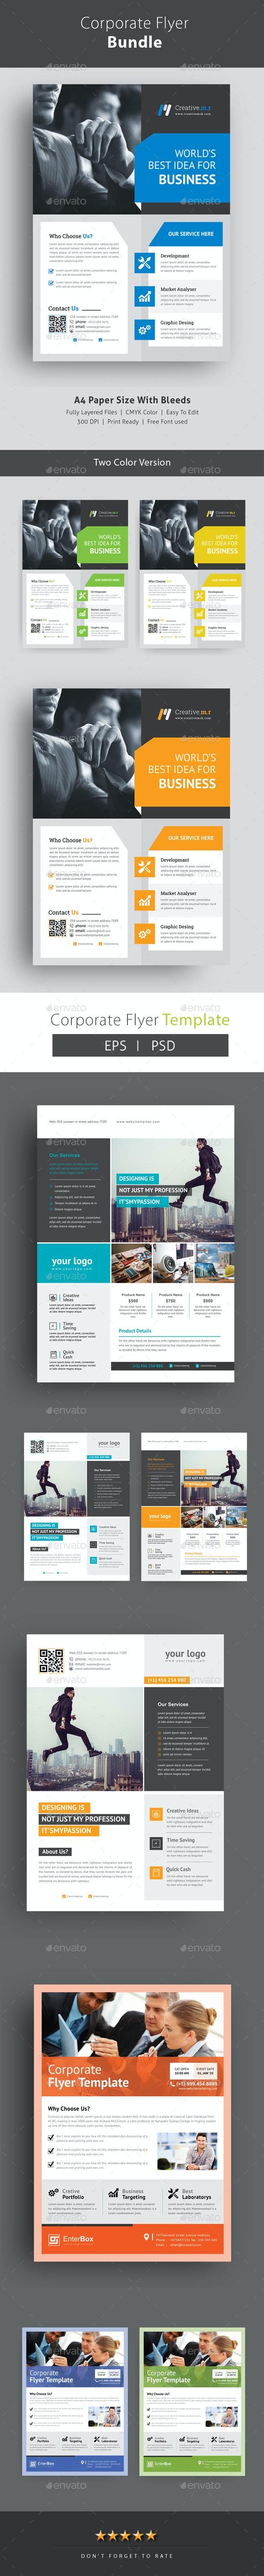 Flyer Bundle - Corporate Brochures